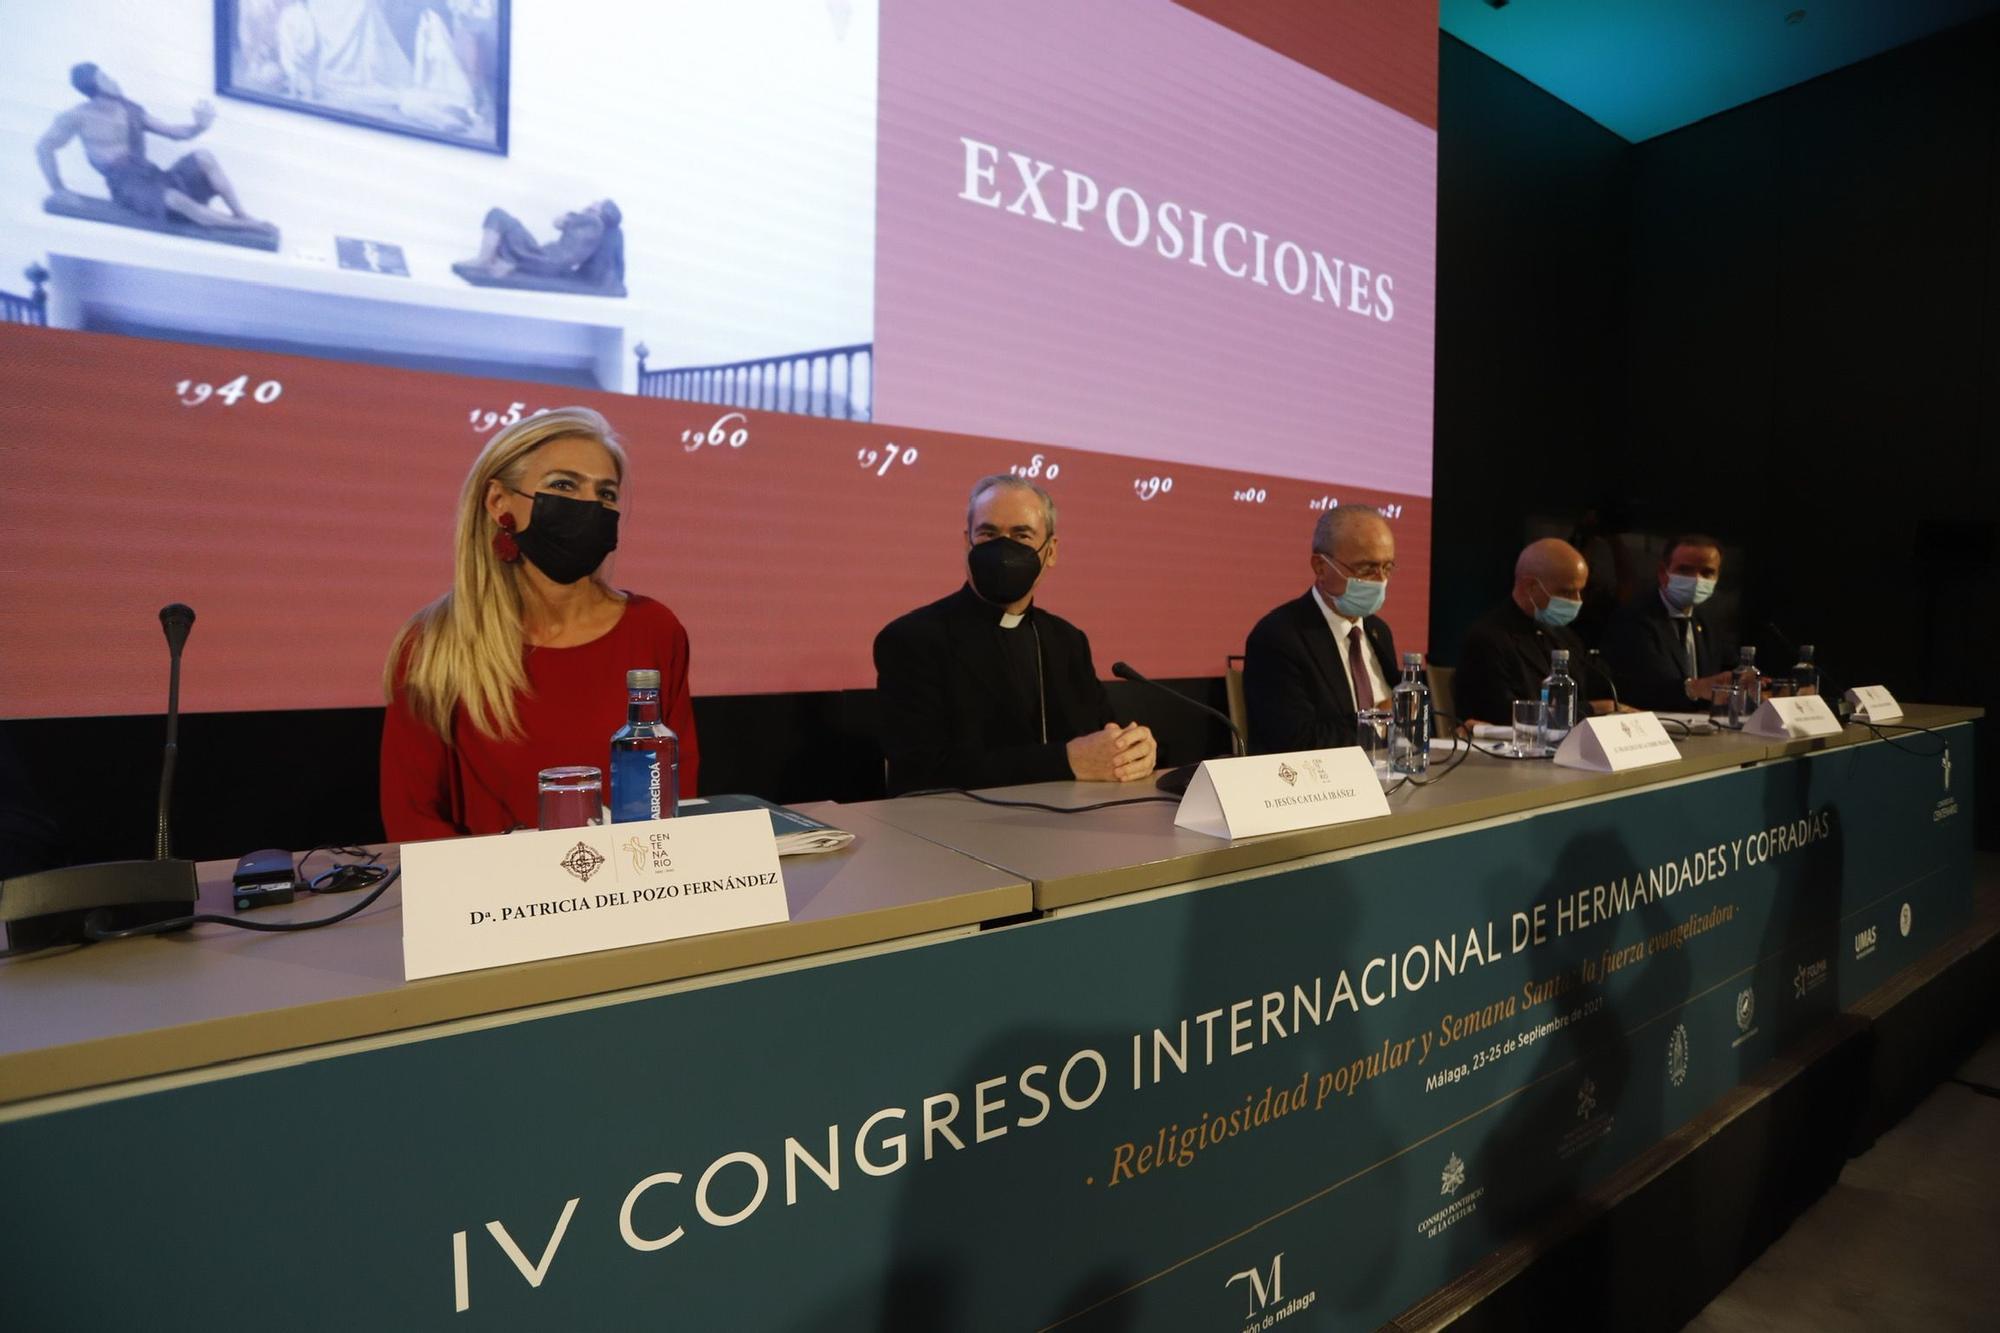 Inauguración del IV Congreso Internacional de Hermandades y Cofradías, que se celebra en Málaga